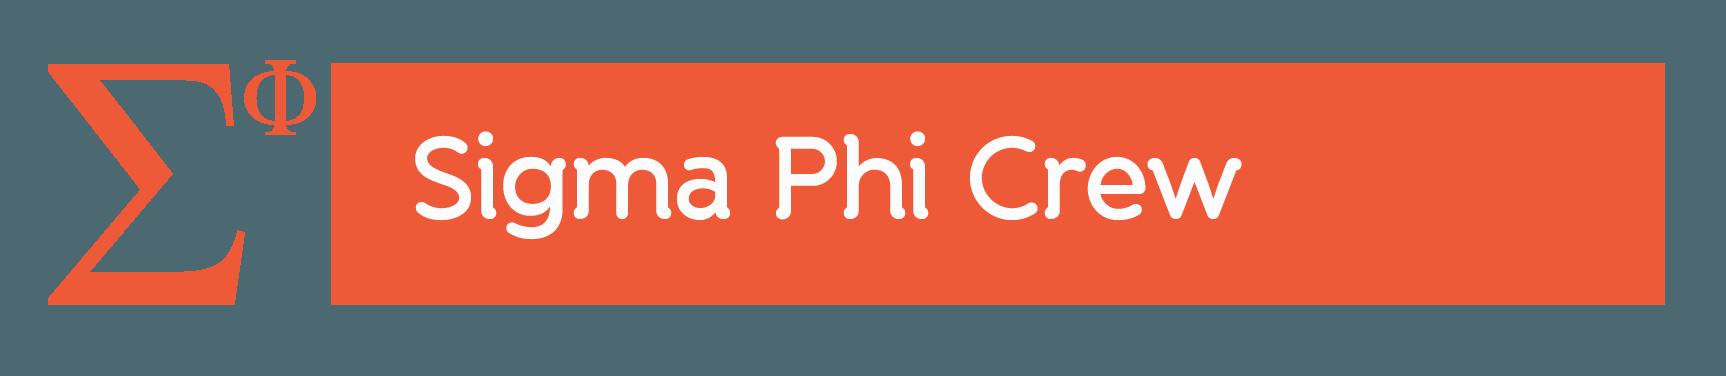 Sigma Phi Crew